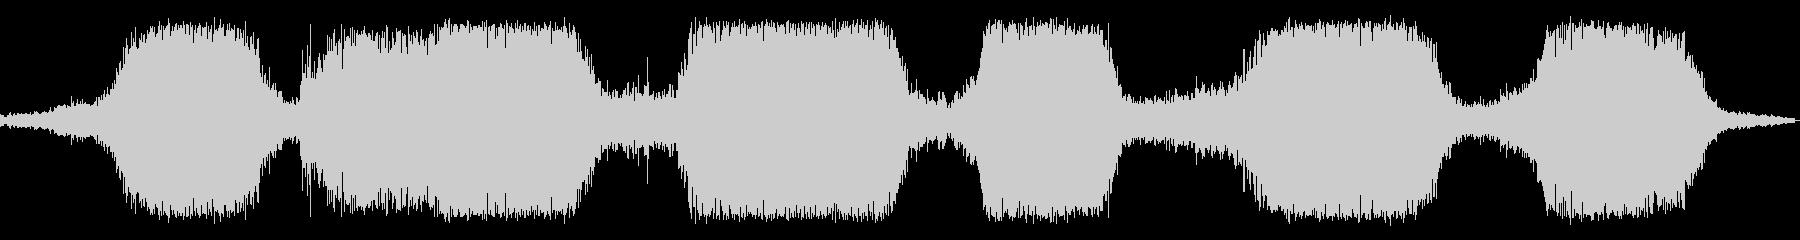 ザザザザパーン(砂場の波の音)の未再生の波形